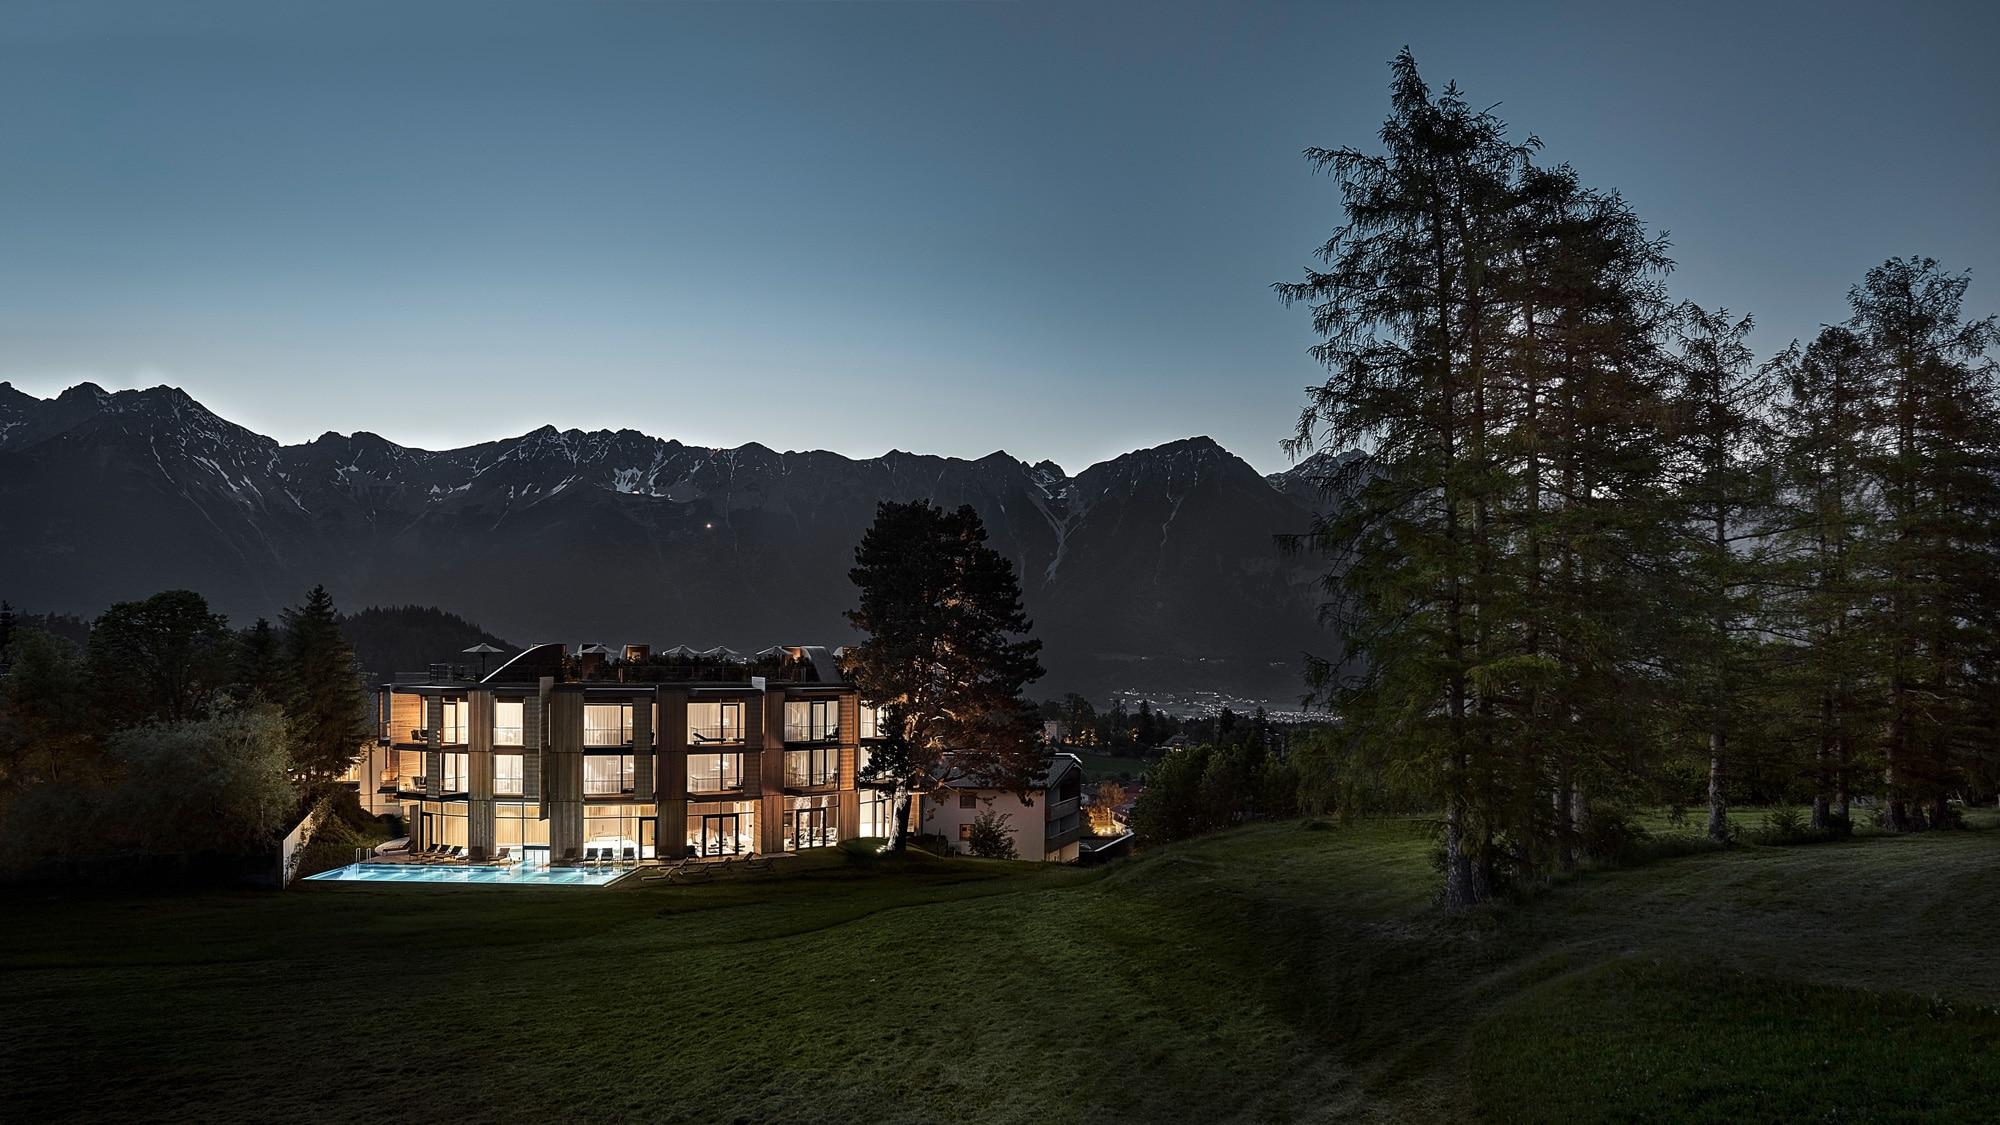 Lanserhof Lans Badehaus bei Nacht von Alexander Haiden